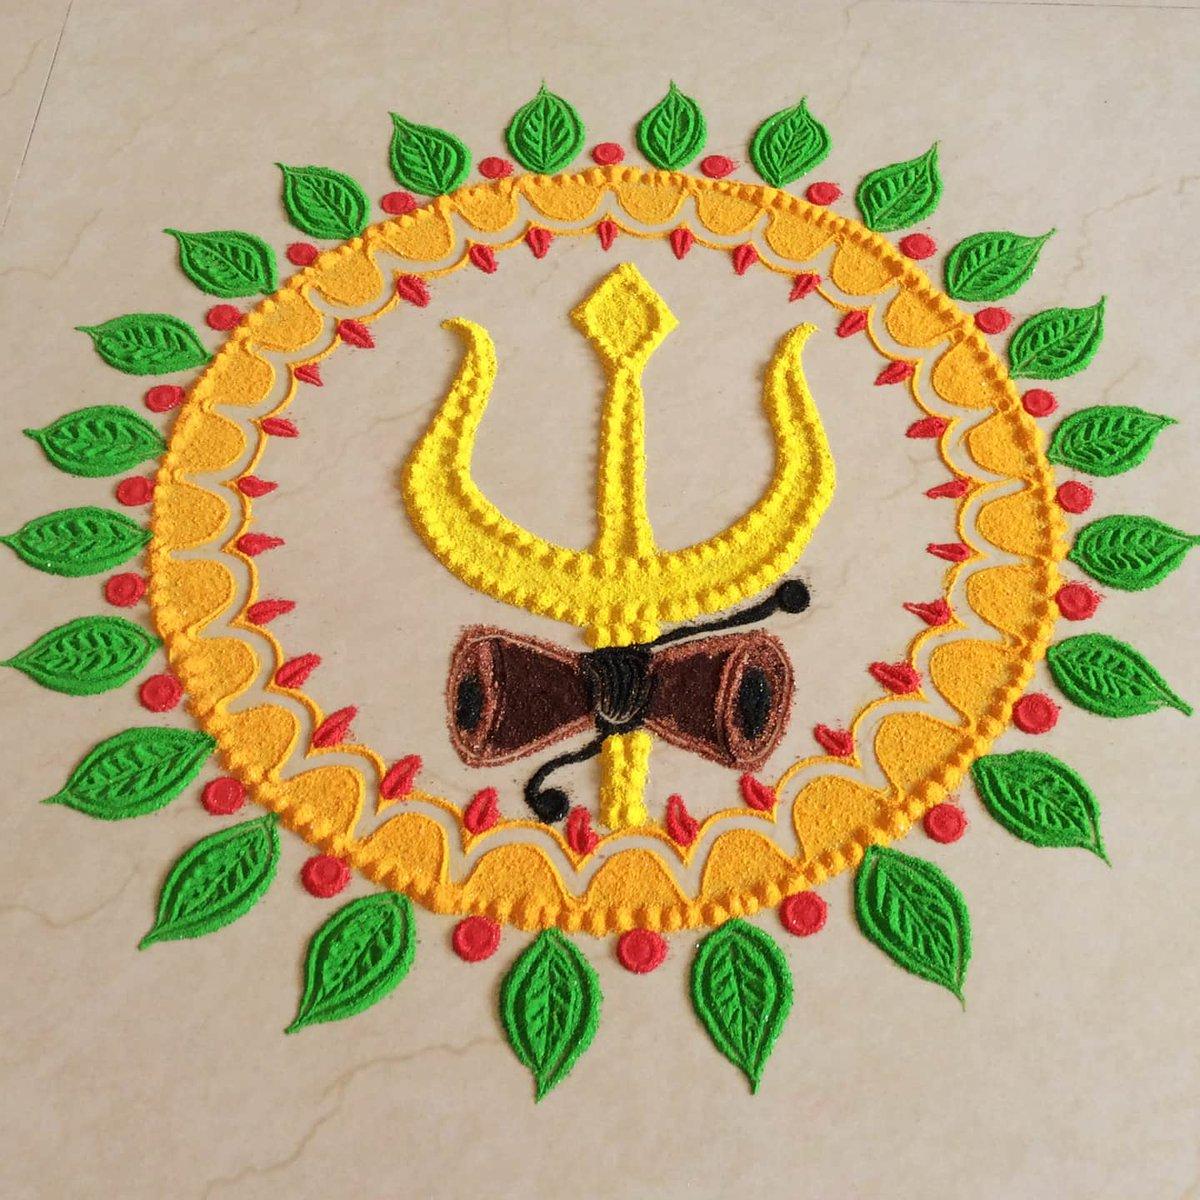 यहां हम आपको भगवान शिव की प्रतिमा वाली रंगोली डिजाइन्स दिखाएंगे, जिनसे आइडिया लेकर आप सावन महीने में अपने घर की सुदंर दिखा सकते हैं।